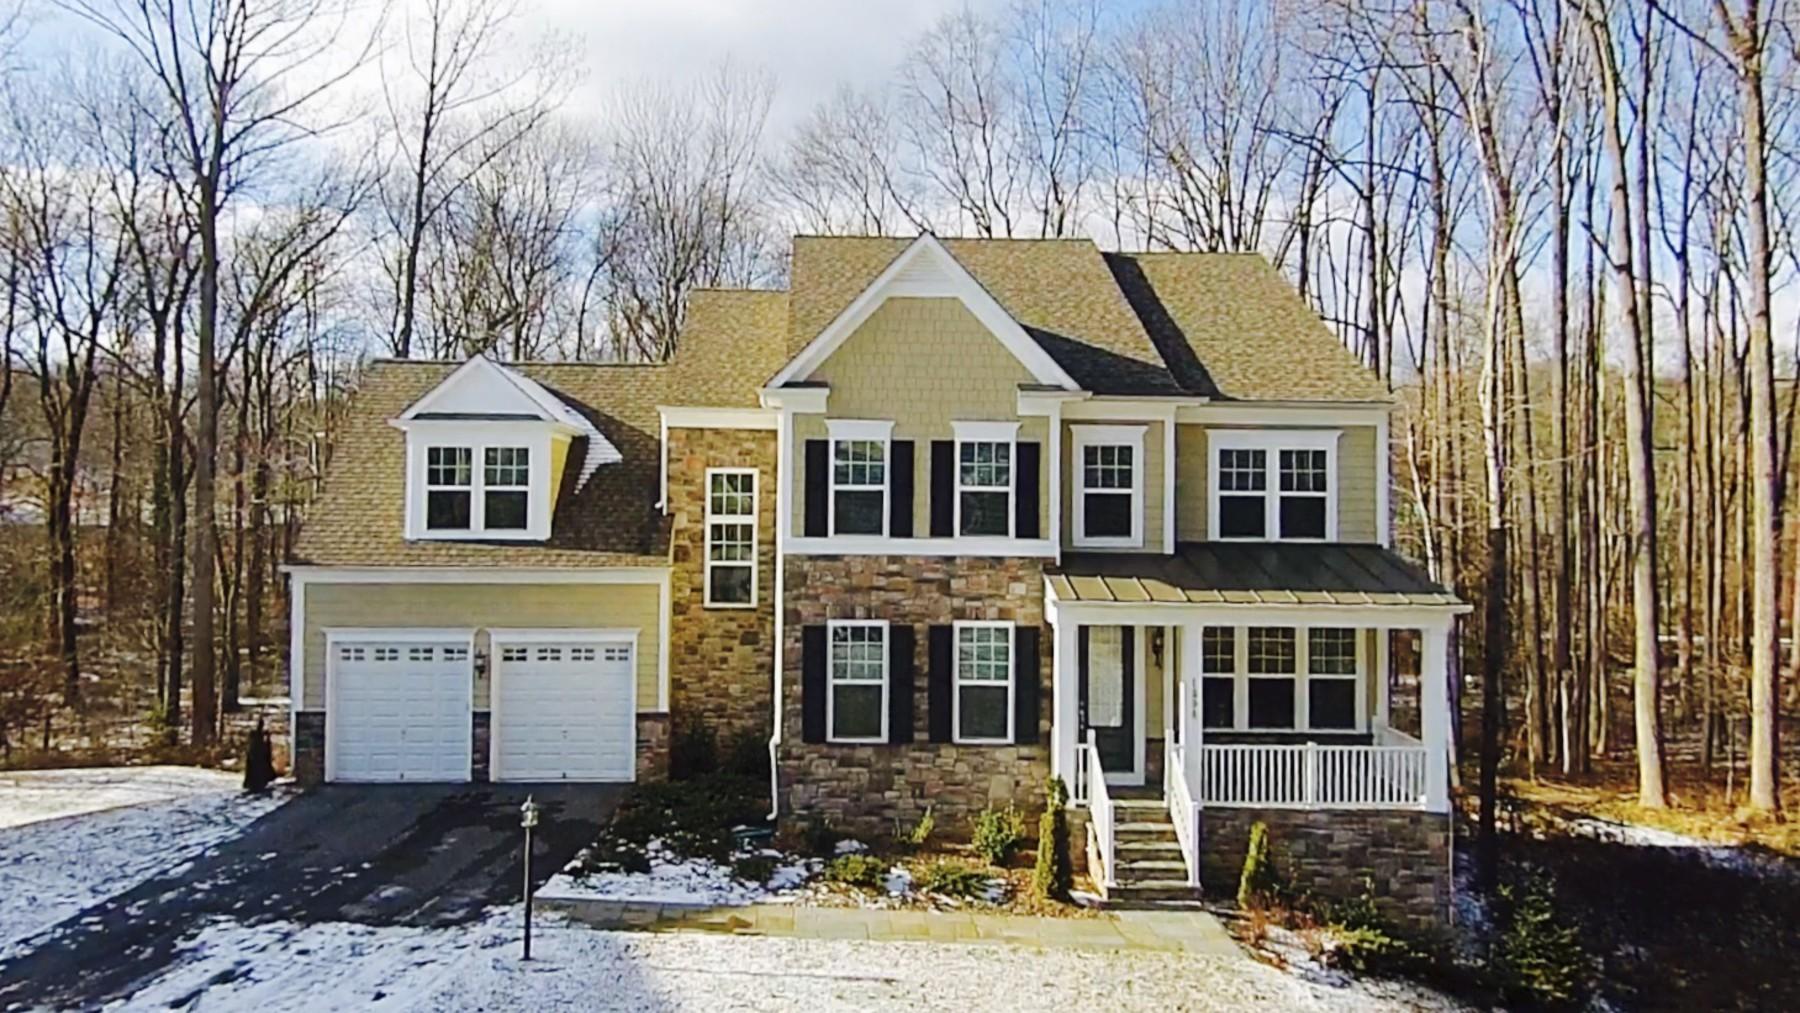 獨棟家庭住宅 為 出售 在 1294 Scotts Run Road, Mclean McLean, 弗吉尼亞州, 22102 美國